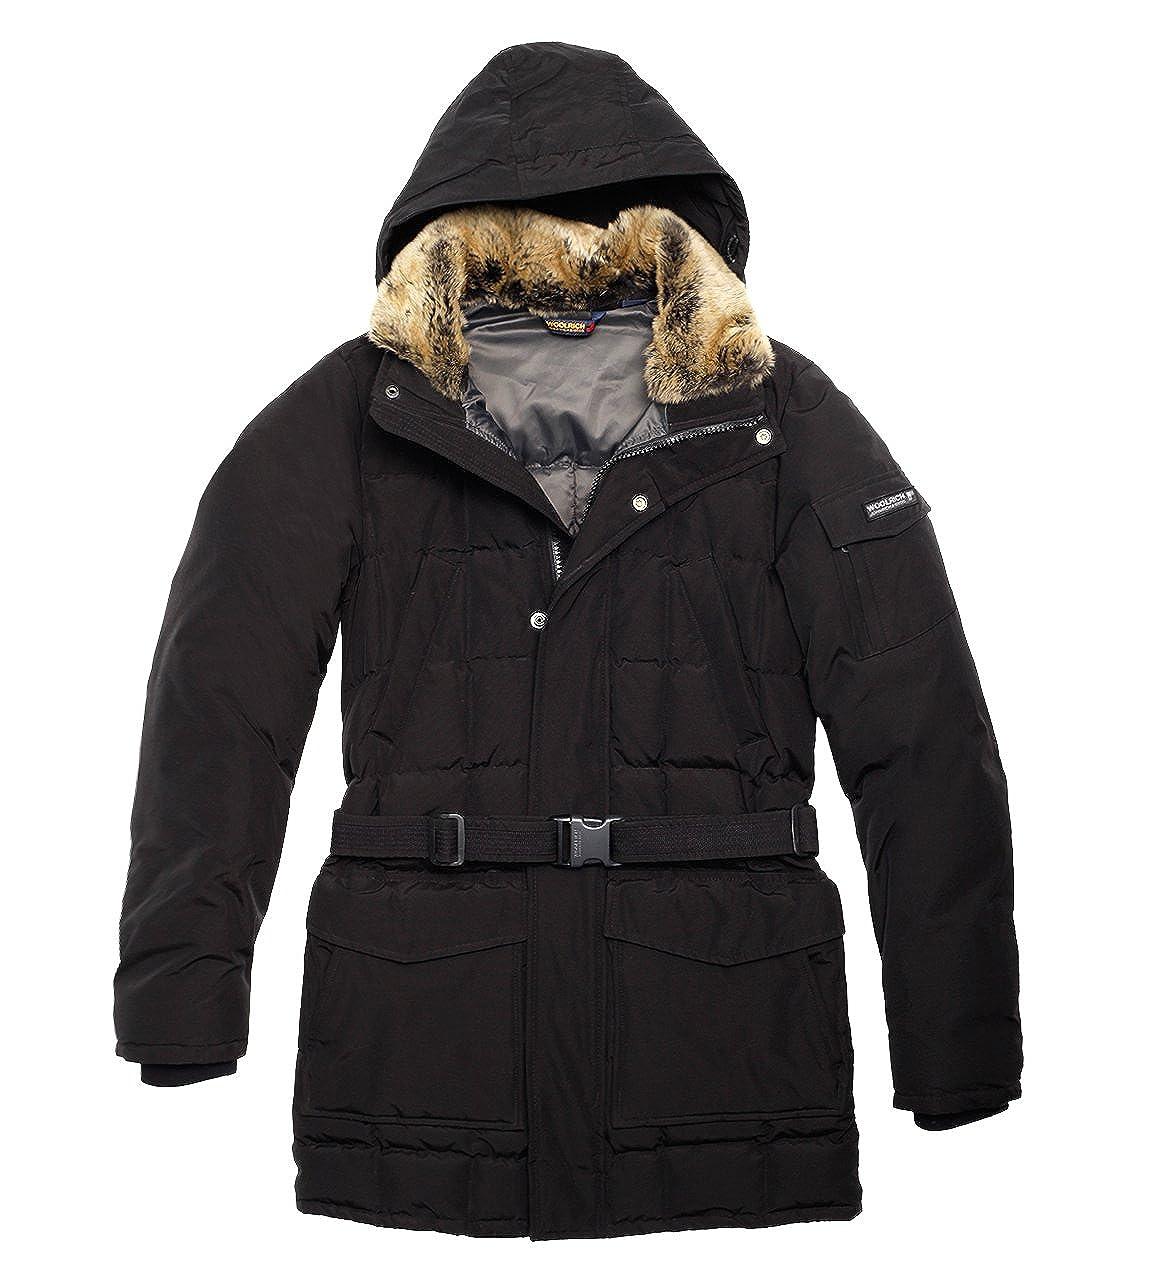 Woolrich - para hombre Chaqueta de invierno (Blizzard) con ...